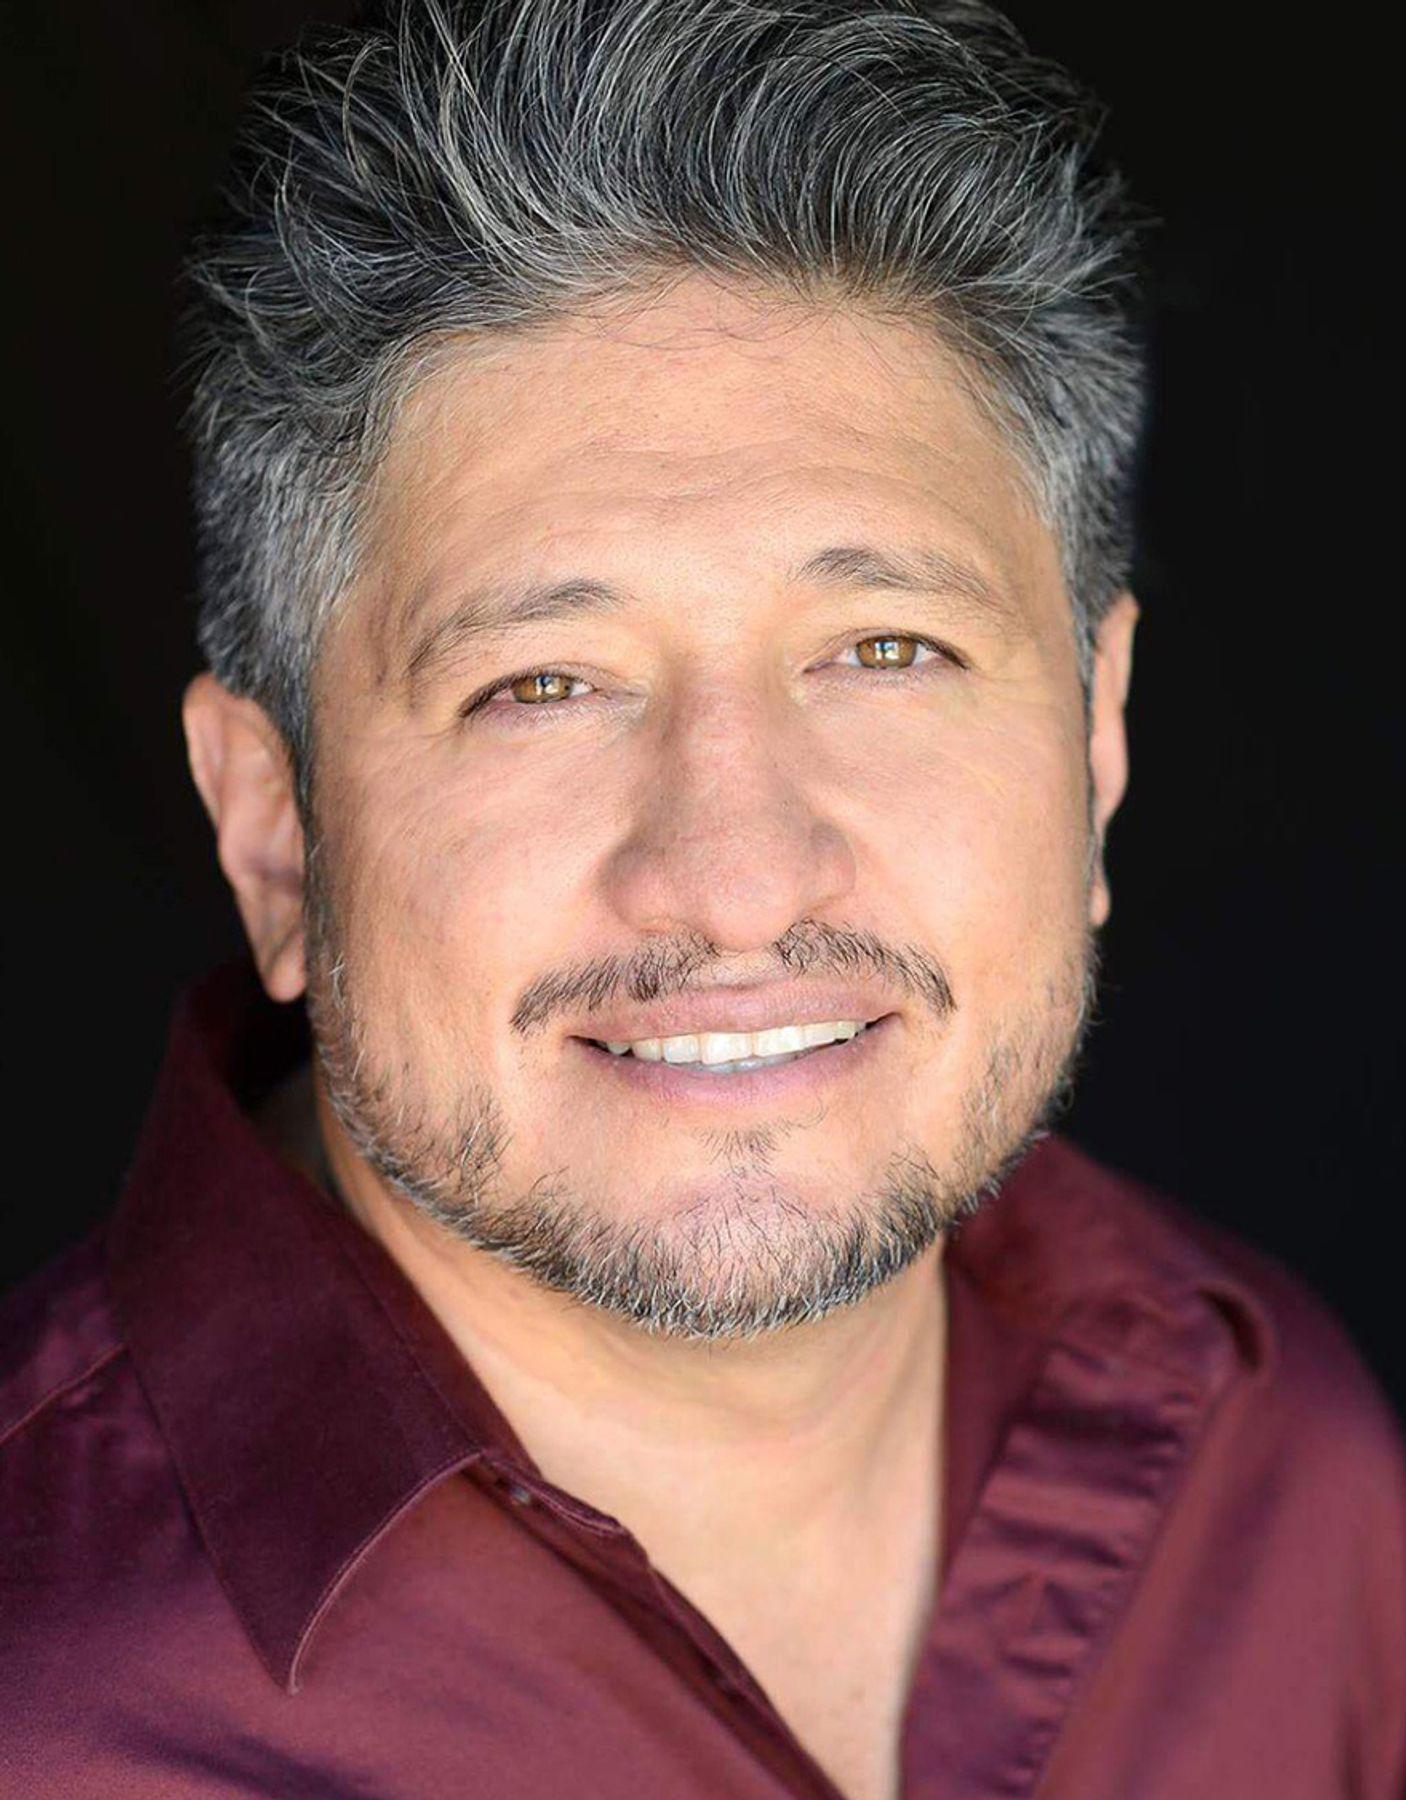 David Cordova